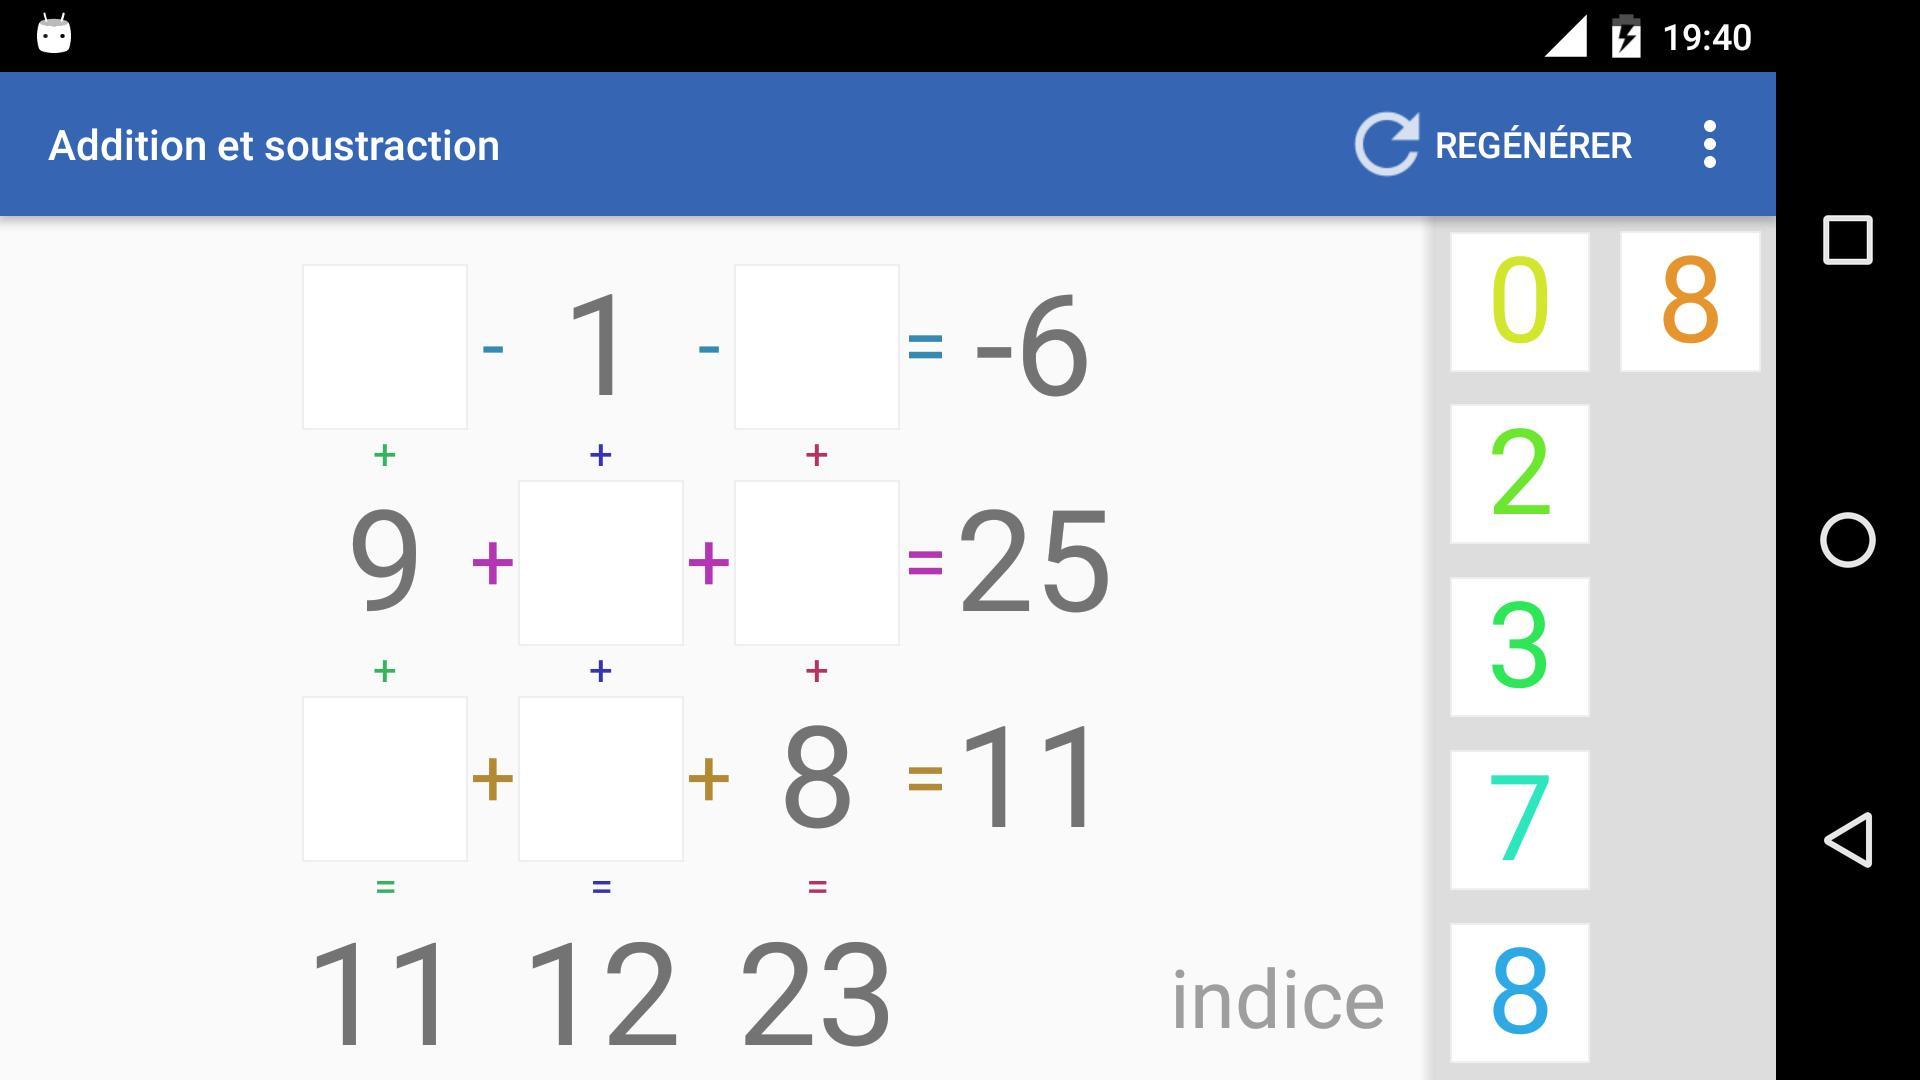 Android Için Jeu D'addition Et Soustraction - Apk'yı İndir tout Comment Jouer Sudoku